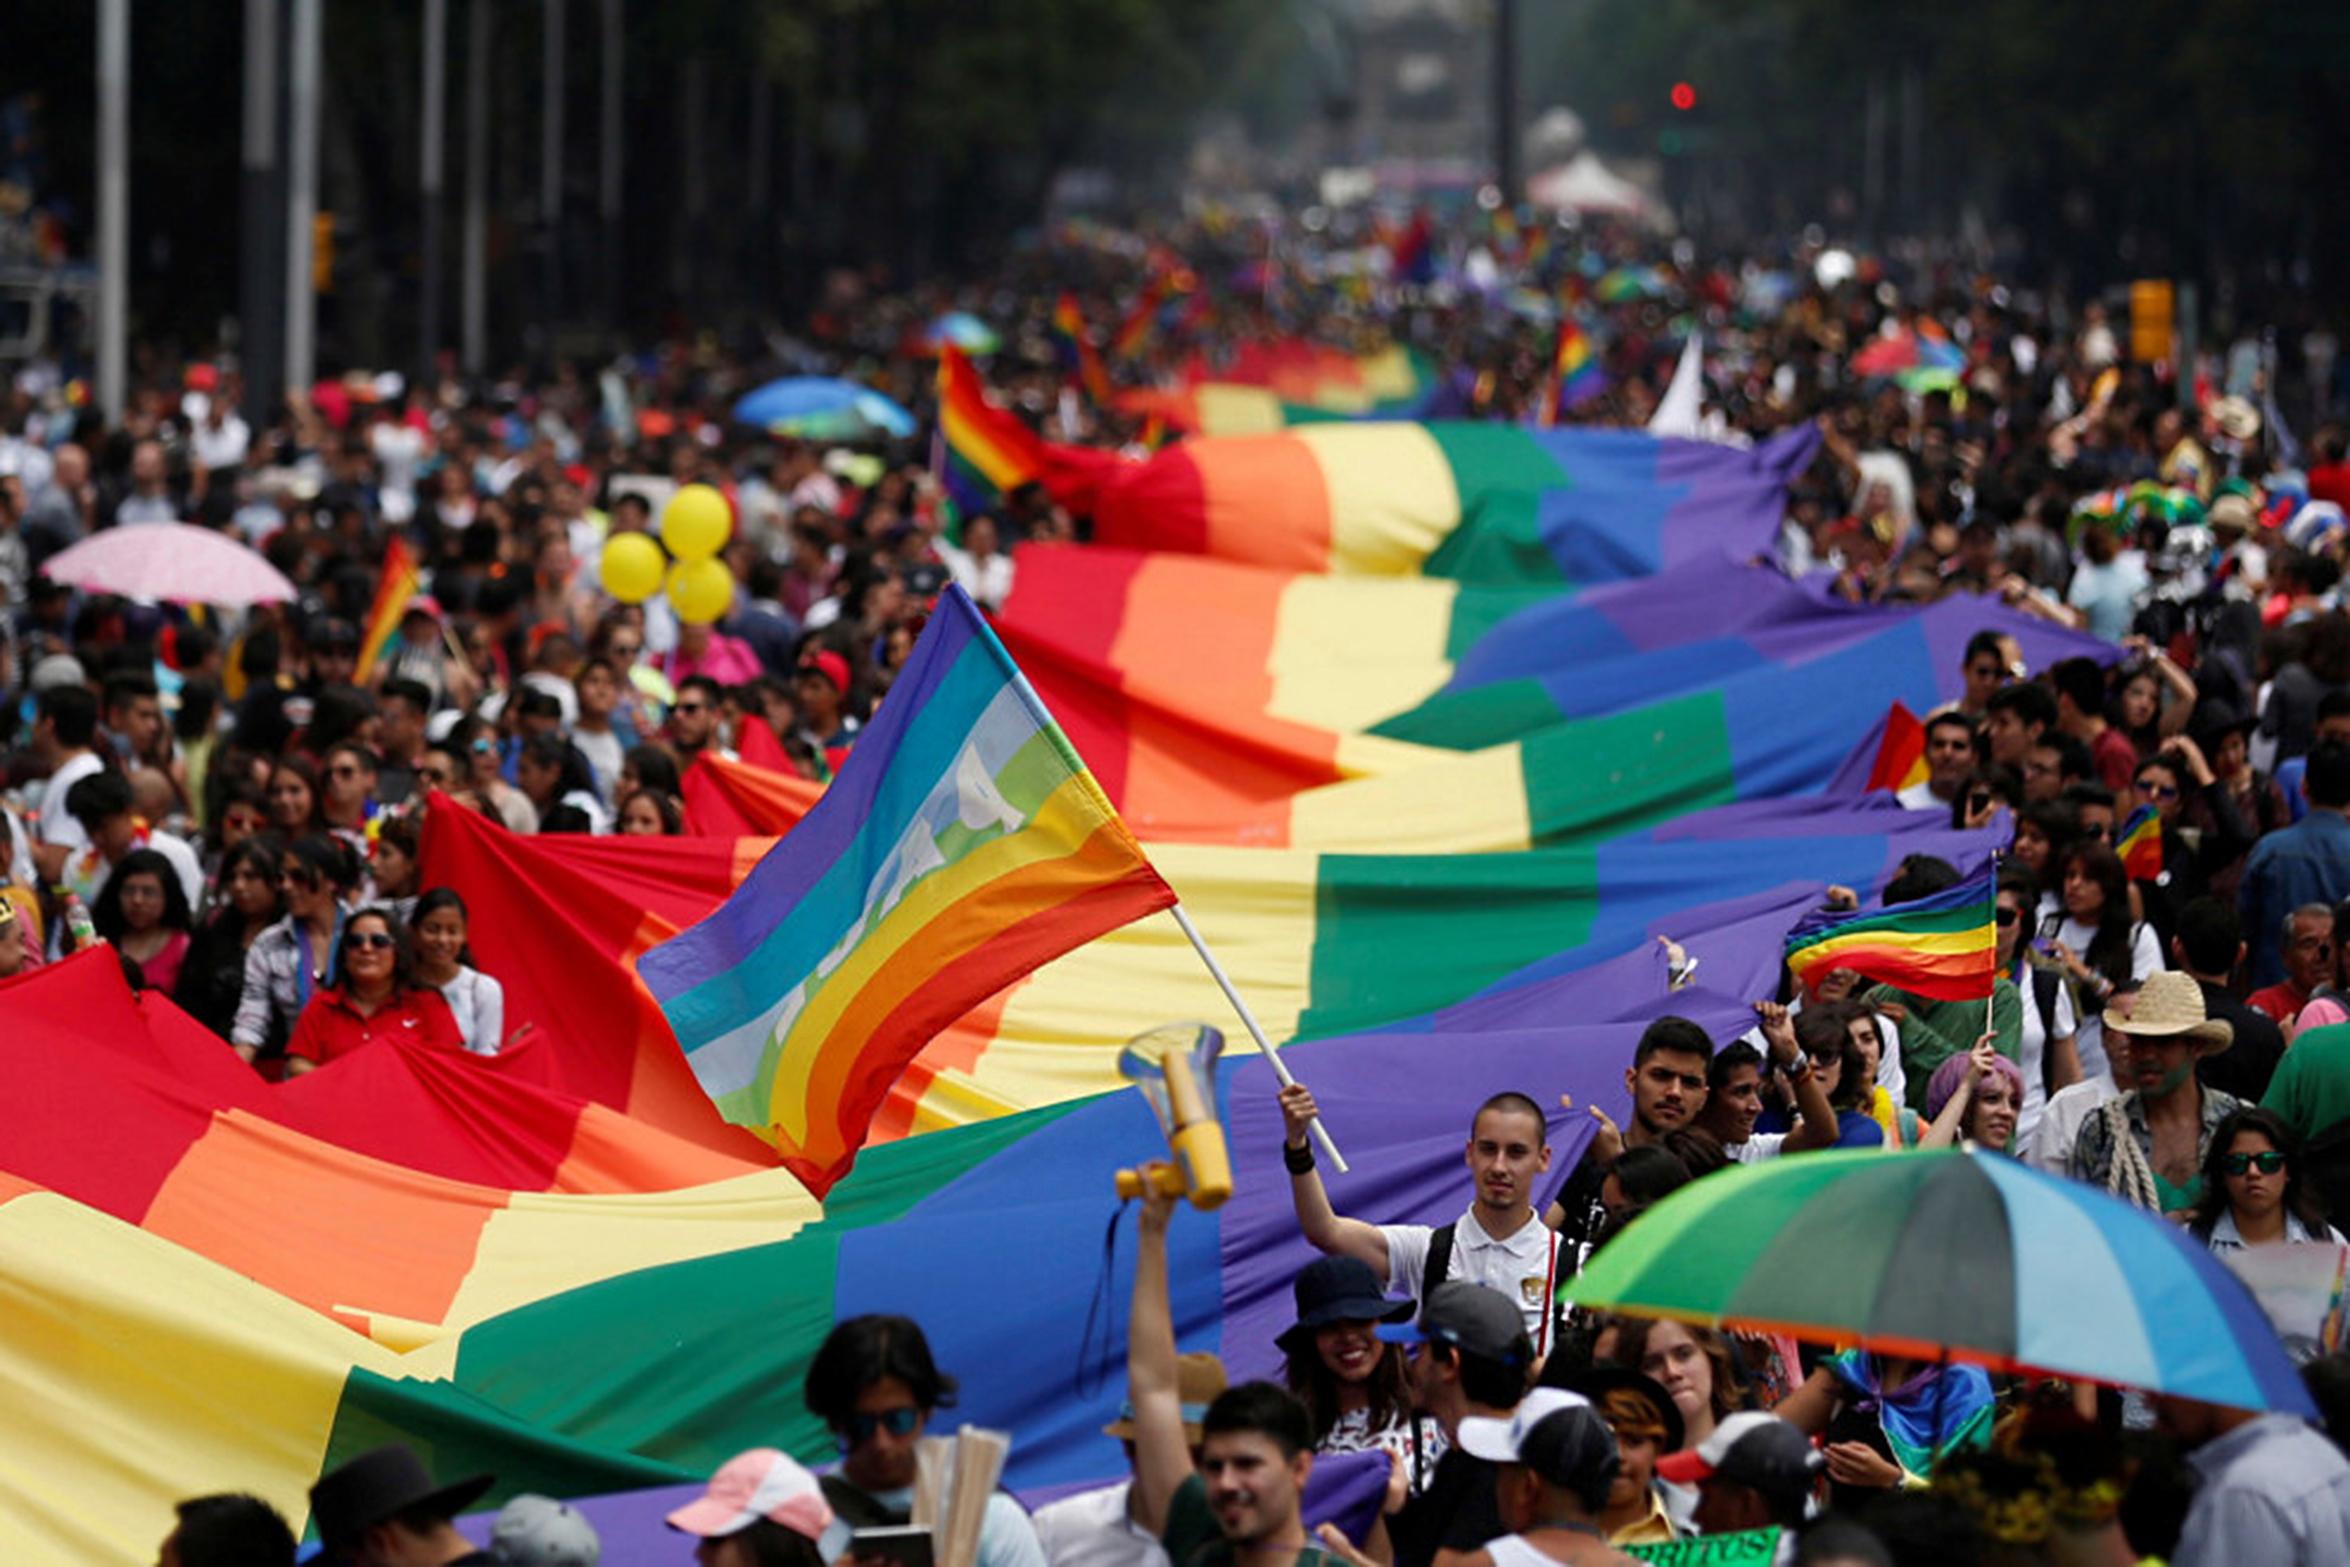 Marcha LGBTTTI cumple 40 años de lucha social y mucho orgullo